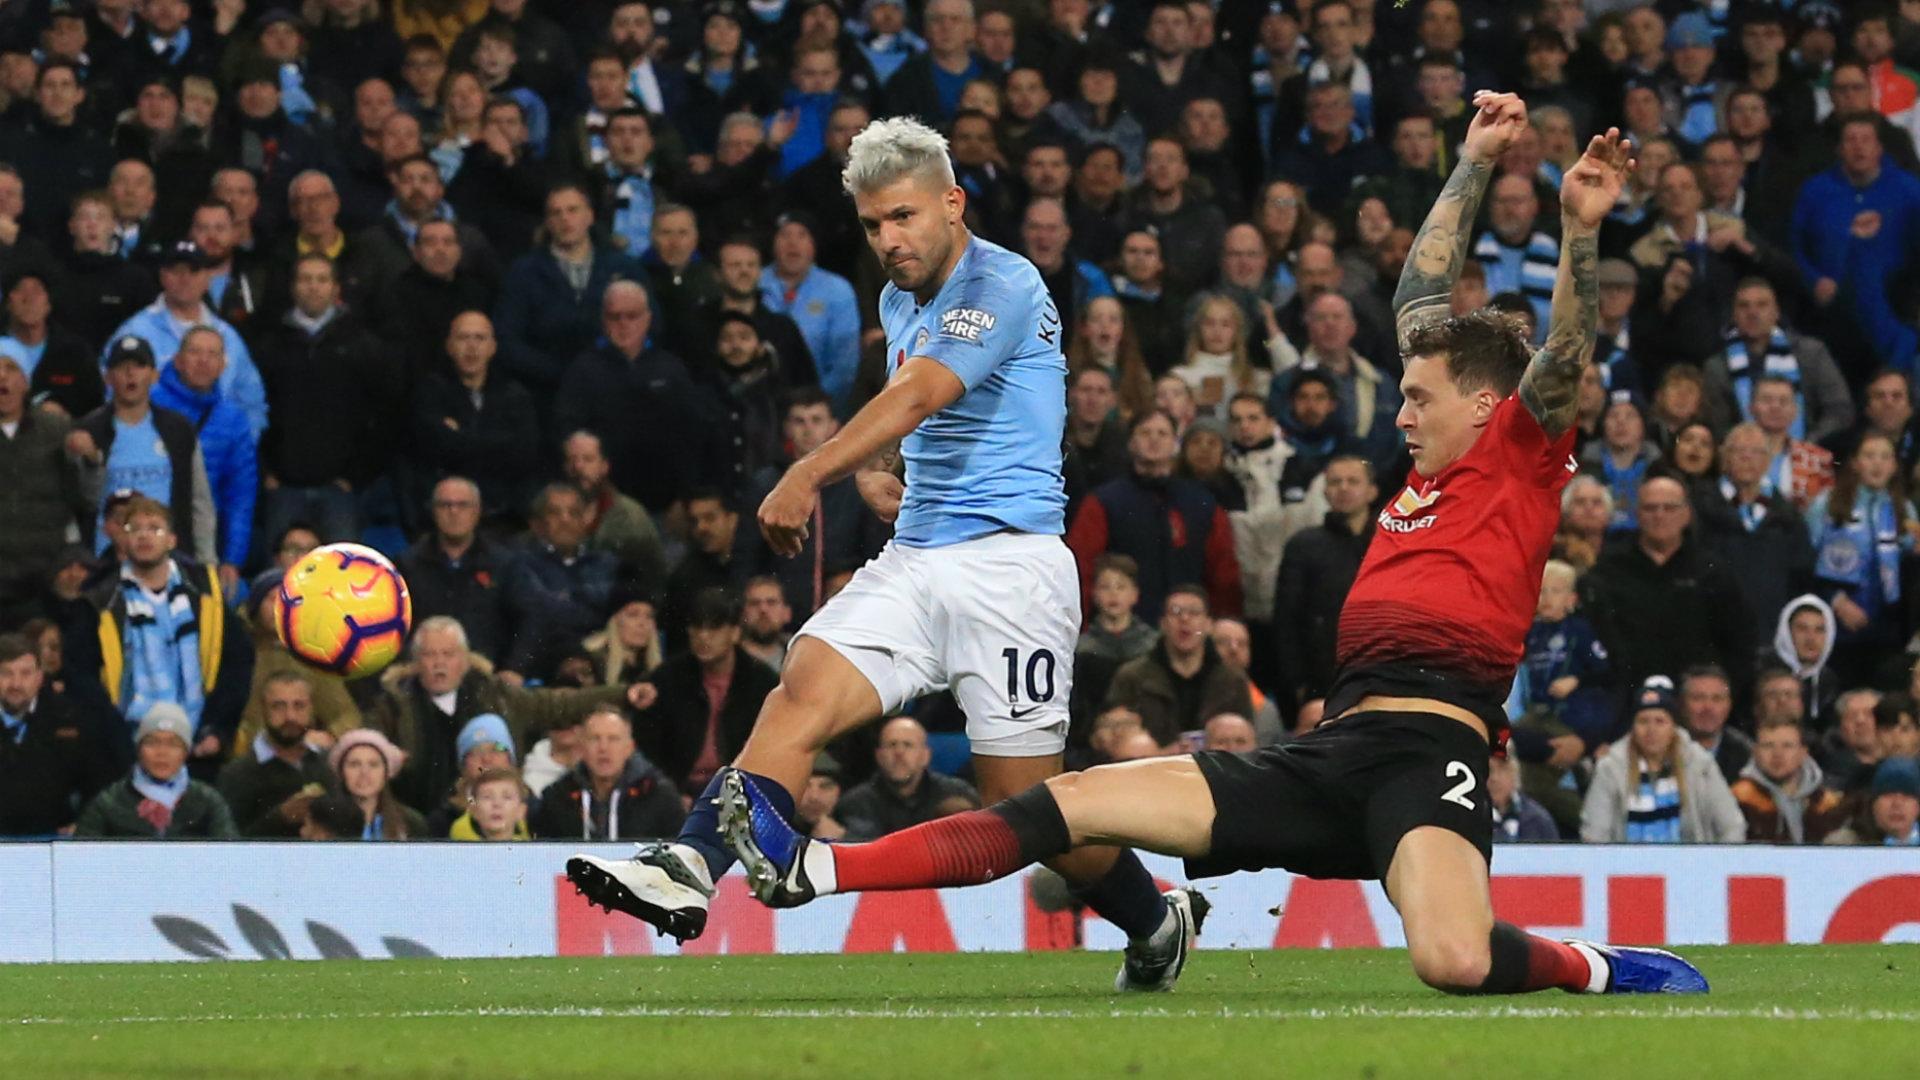 Man City Vs Man Utd Not Just Second Best But Second Class